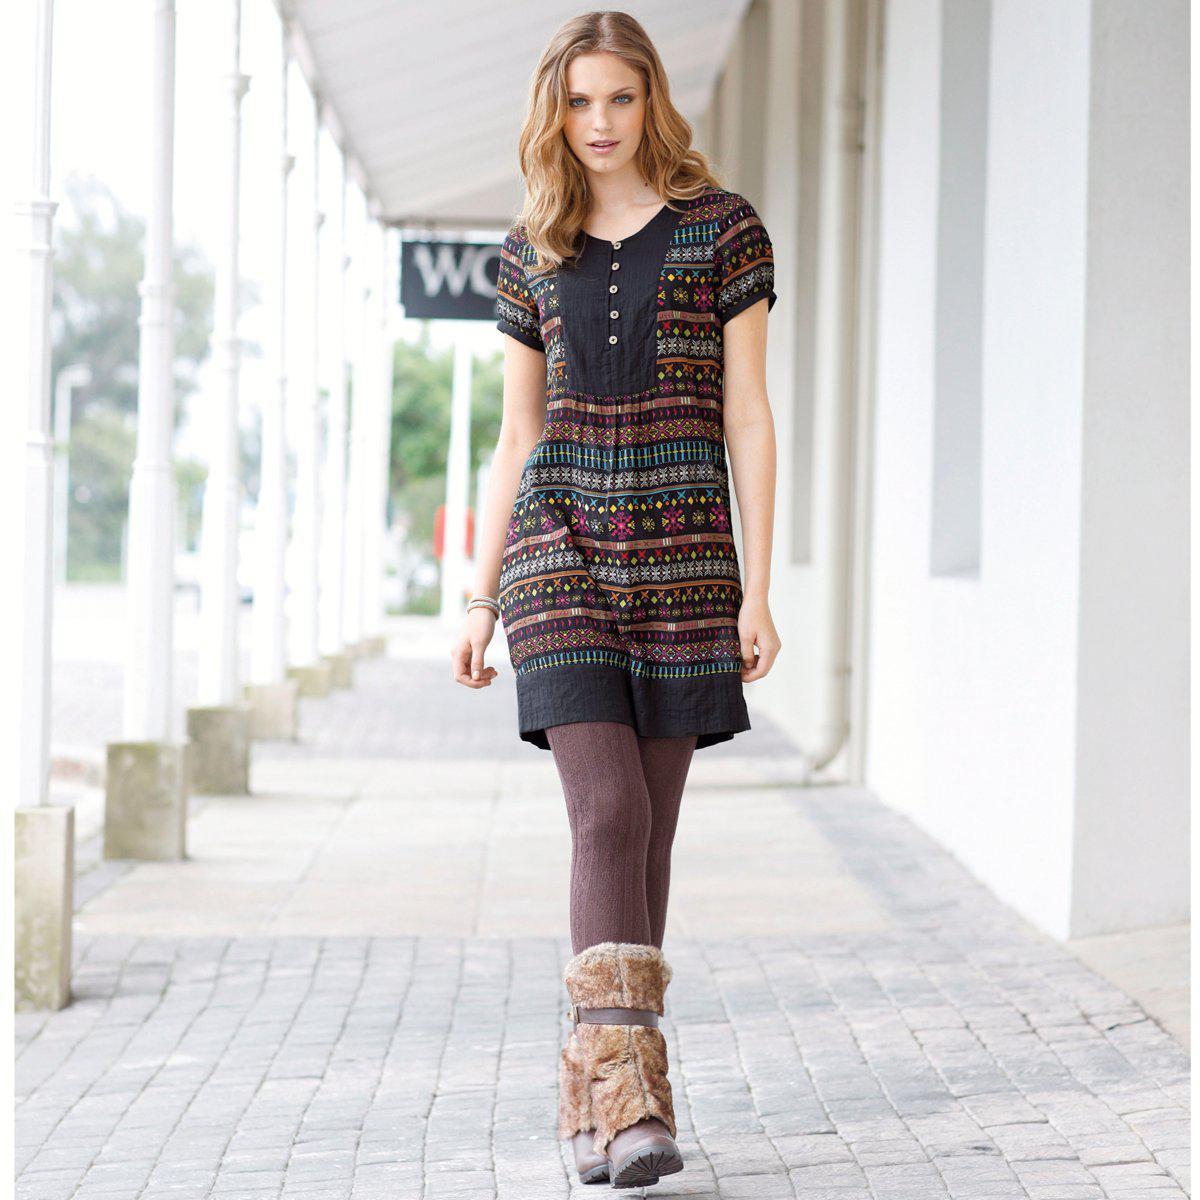 Βραδυνα Φορεματα LaRedoute Φθινόπωρο 2011 Κωδ. 324210277 7519f5be203